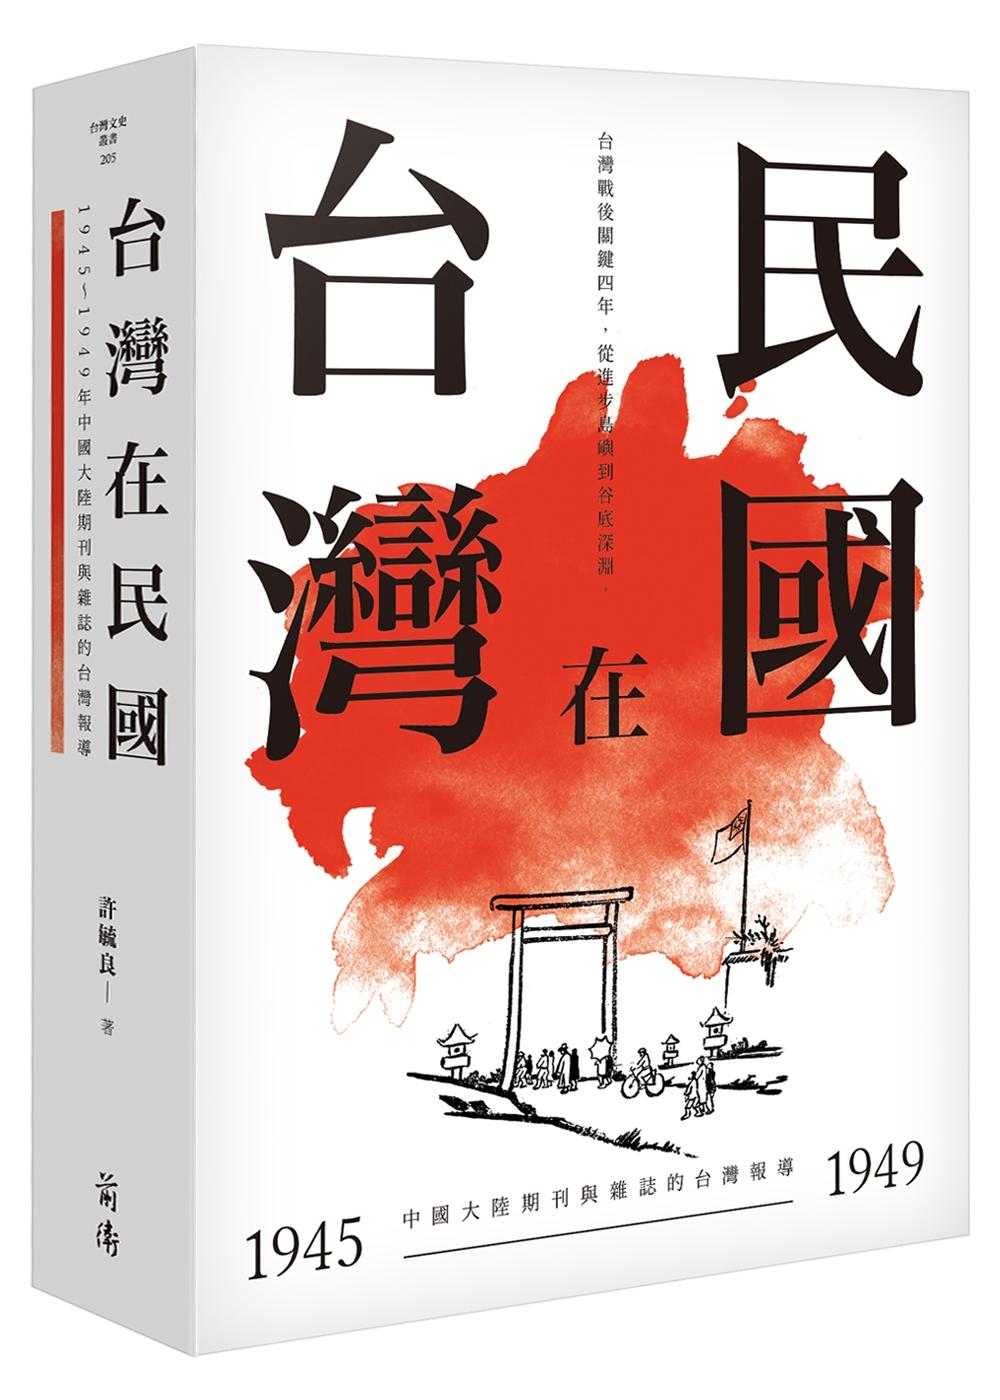 《台灣在民國:1945~1949年中國大陸期刊與雜誌的台灣報導》 商品條碼,ISBN:9789578018365